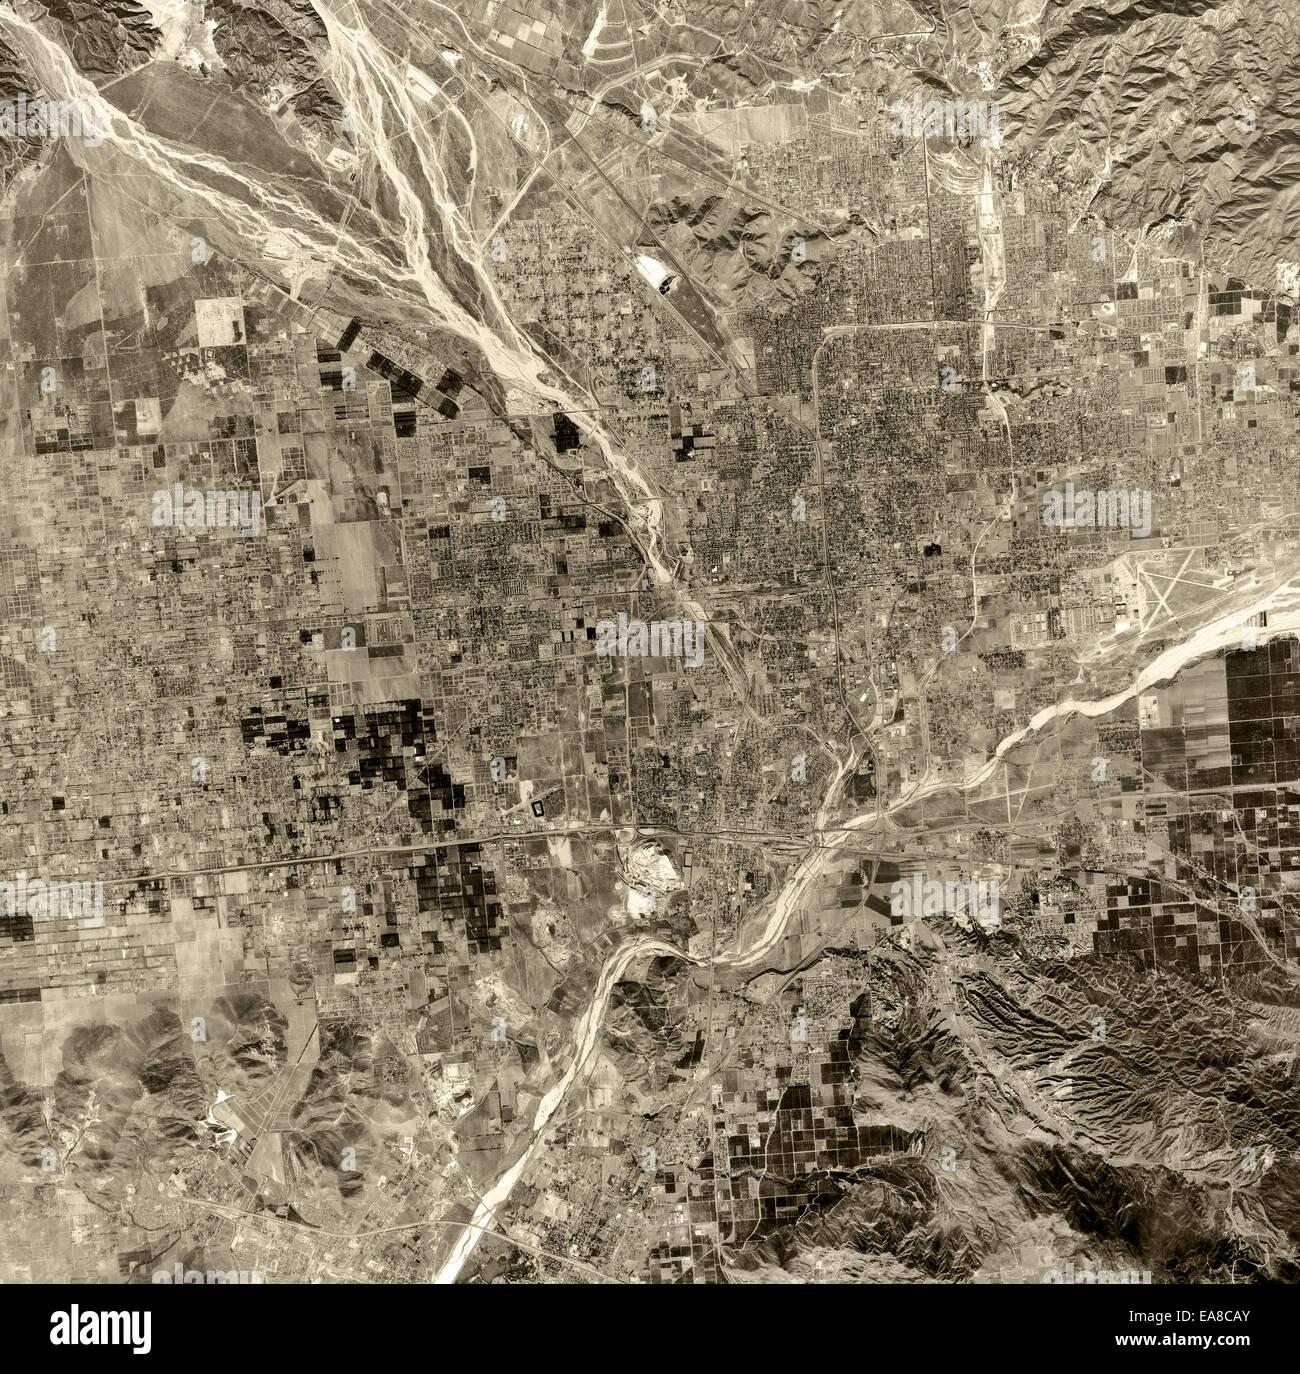 Historische Luftaufnahme Stockbild